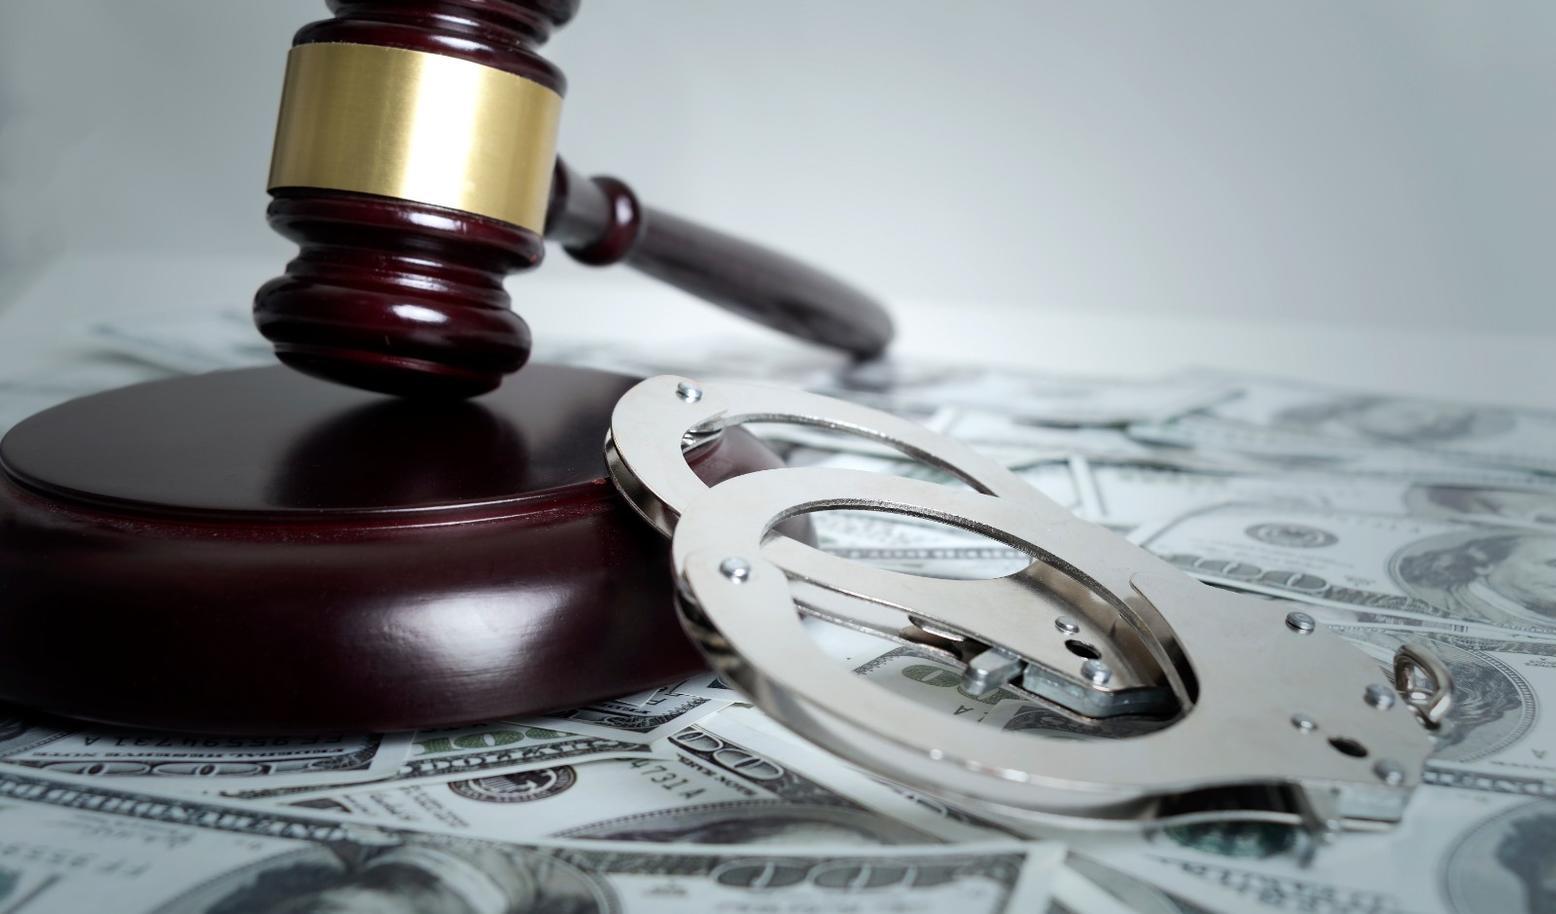 """""""非洲猪瘟""""防控期间,有检疫人员既受贿、又敲诈,现被判刑"""